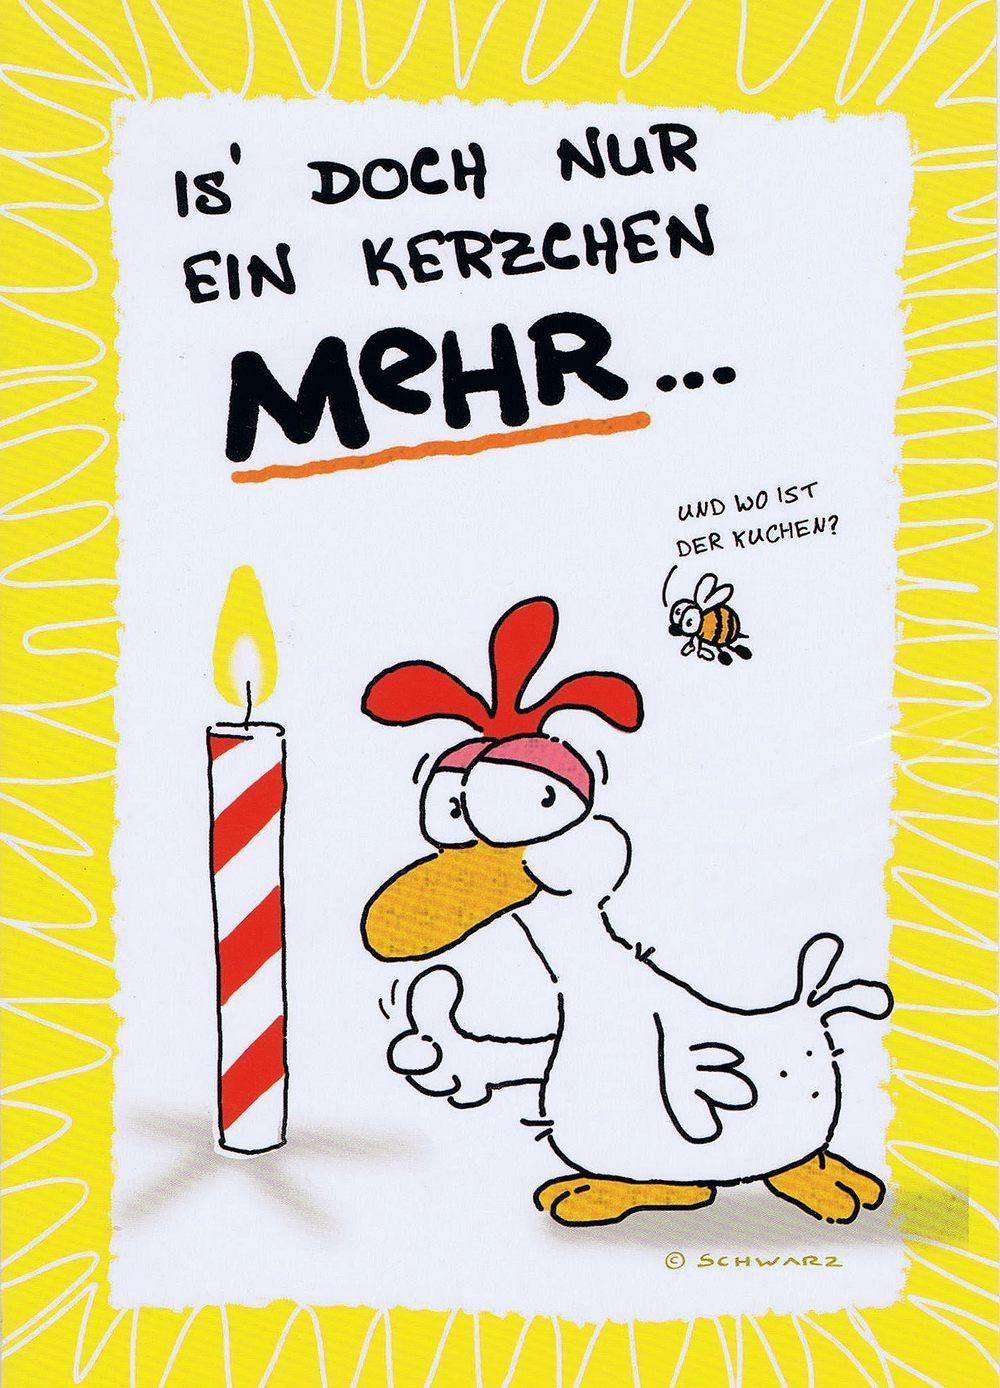 Geburtstagskarten 40 Geburtstag: 40 Geburtstag Geburtstagskarte Alles Gute Mit Schönem